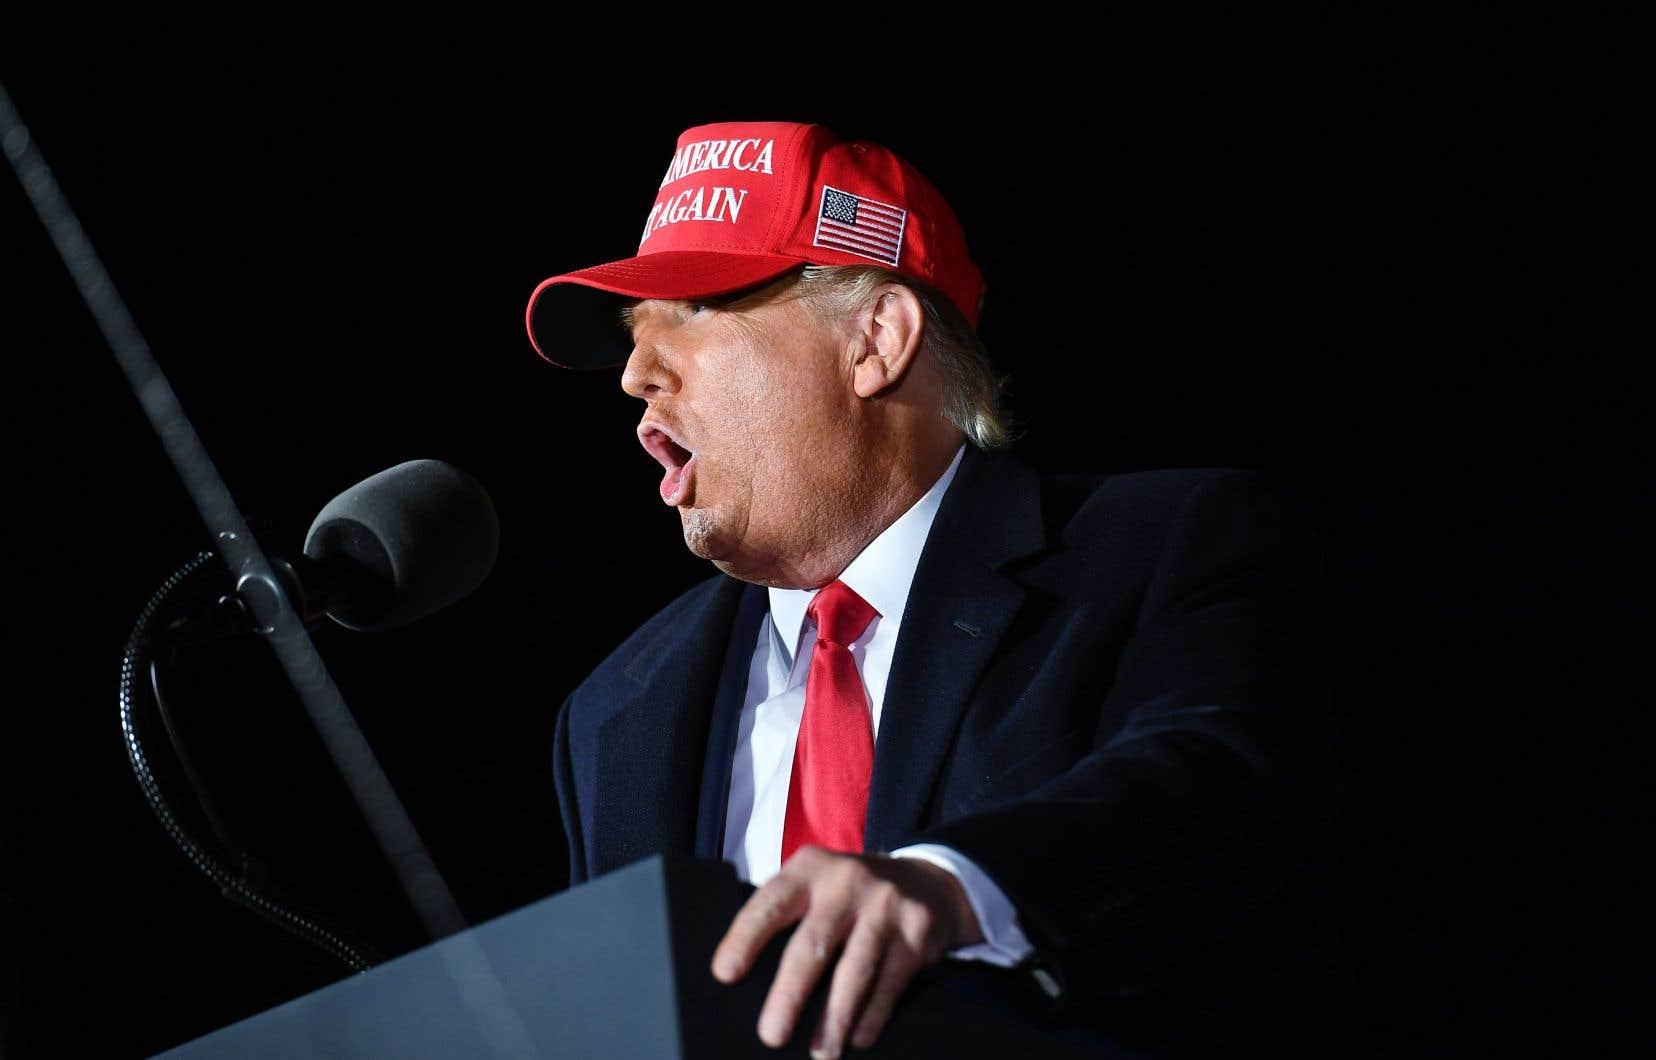 Donald Trump, attendu à Las Vegas samedi soir pour une tournée dans l'ouest du pays dès dimanche, avait remporté en 2016 le Michigan et le Wisconsin, deux États traditionnellement démocrates.